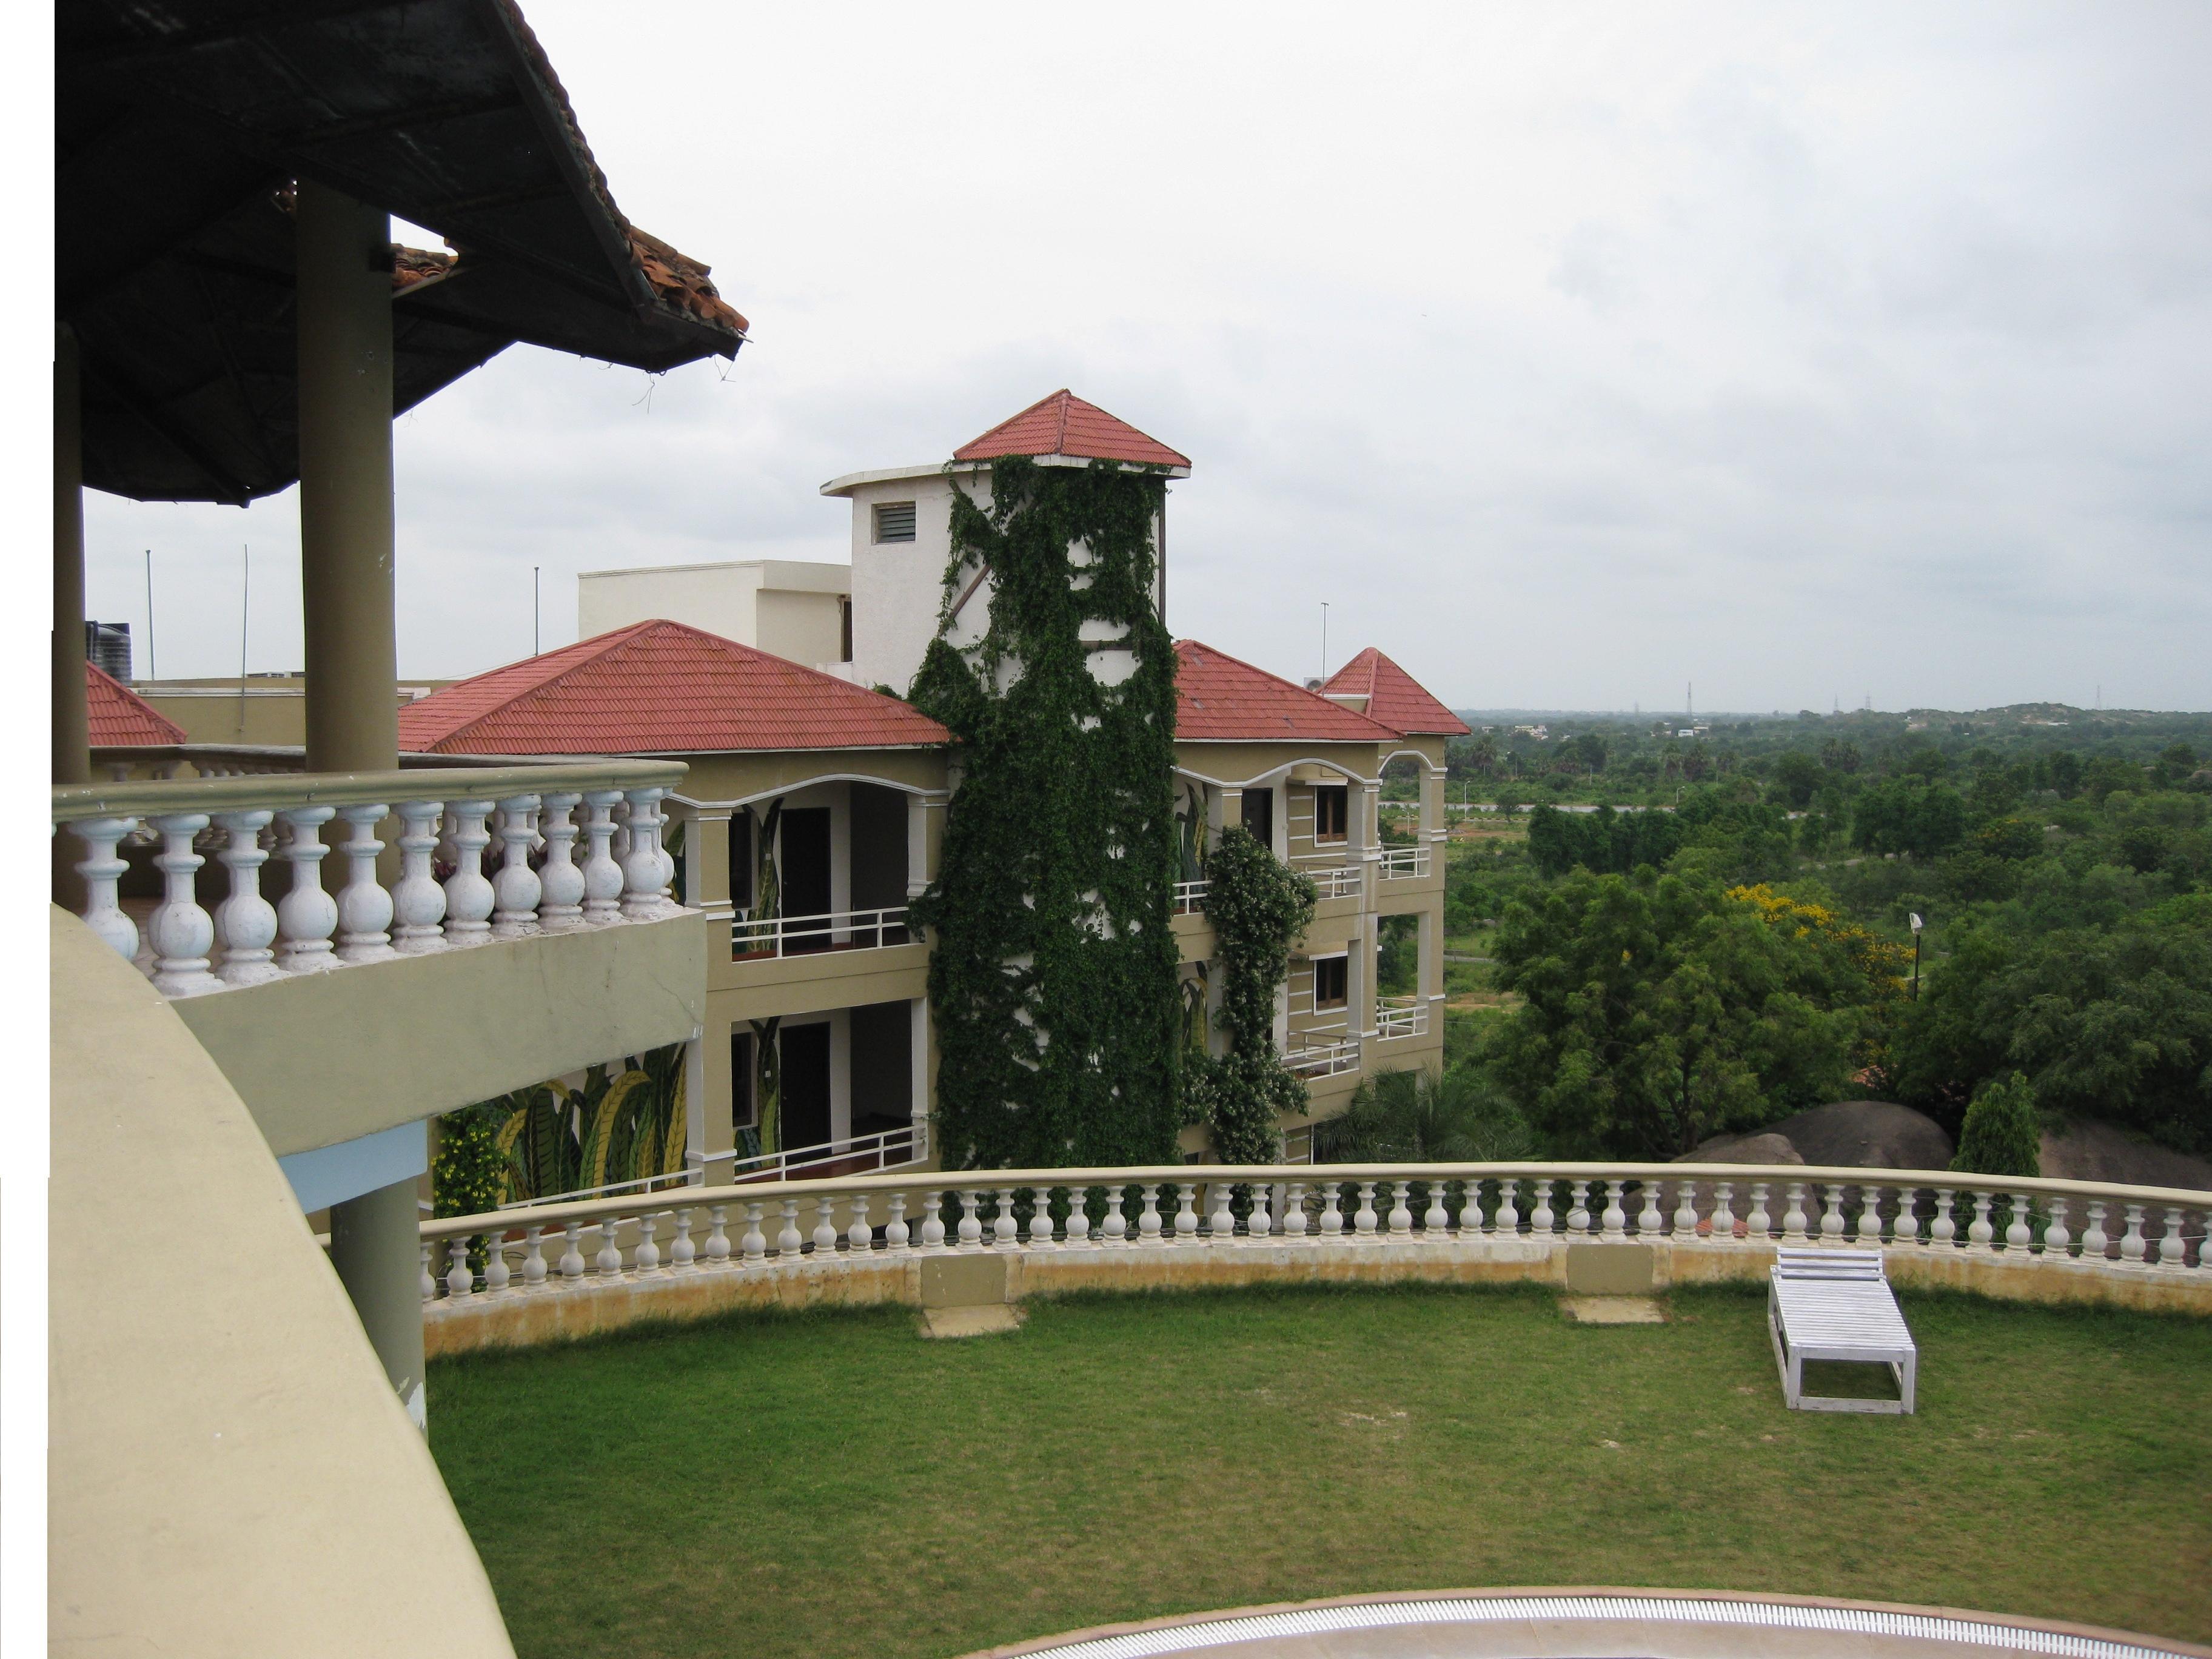 During india visit in mumbai hotel - 1 2